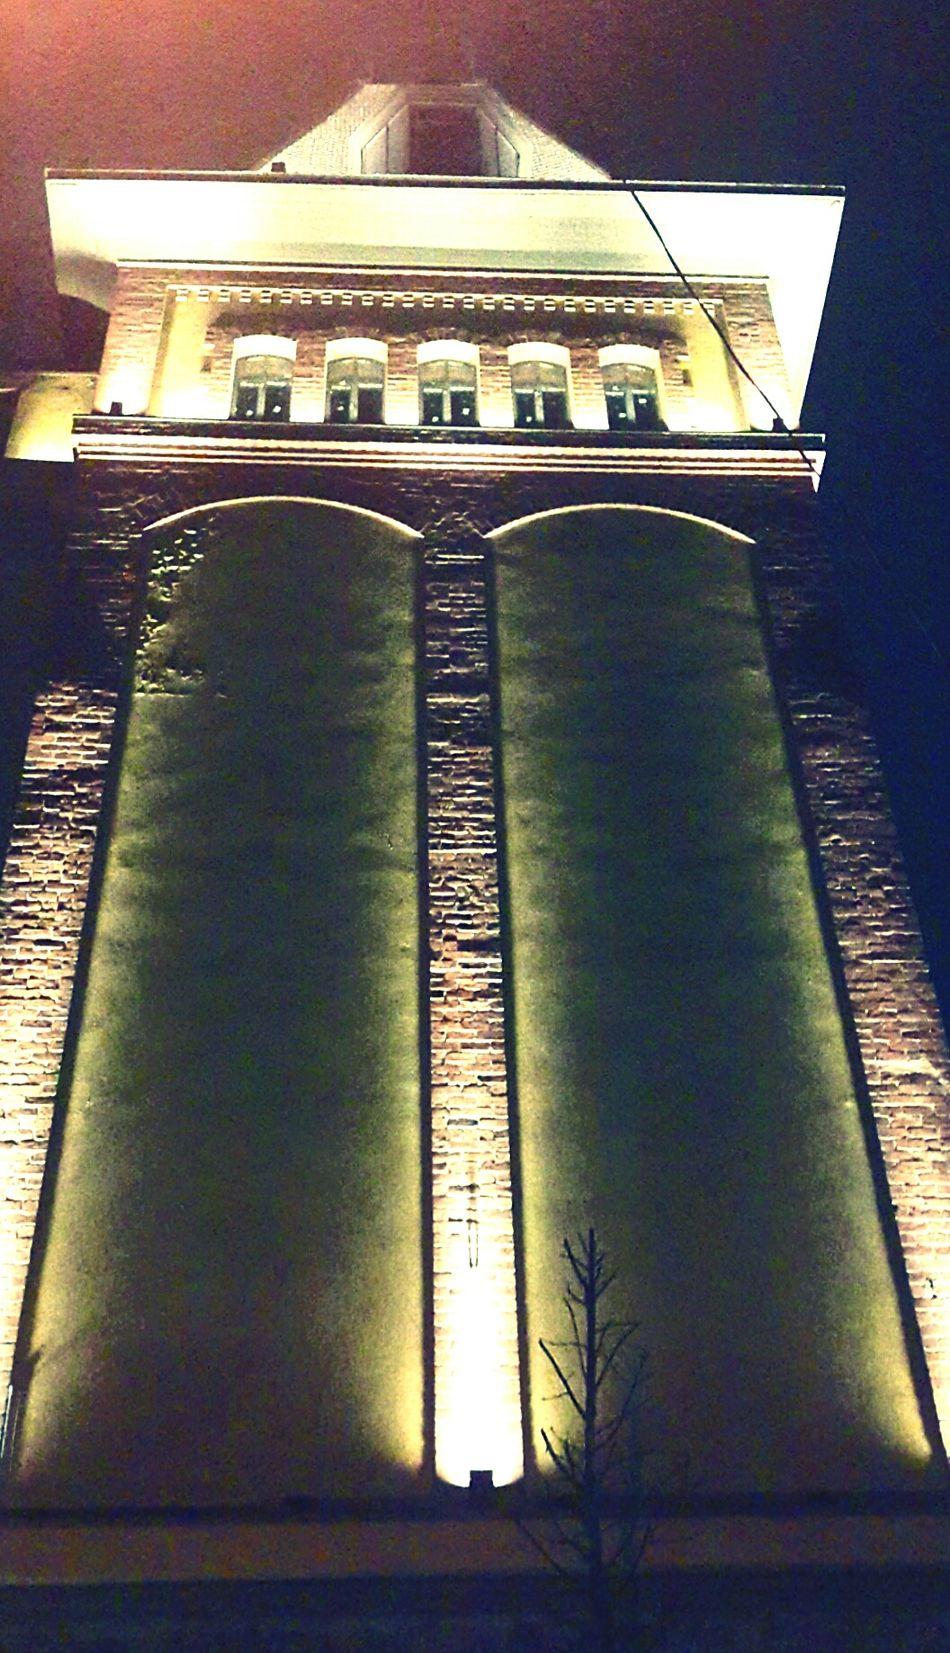 Historical Building Architecture EyeEm EyeEm Gallery MSGSU Msfau Bomonti Istanbul Turkey